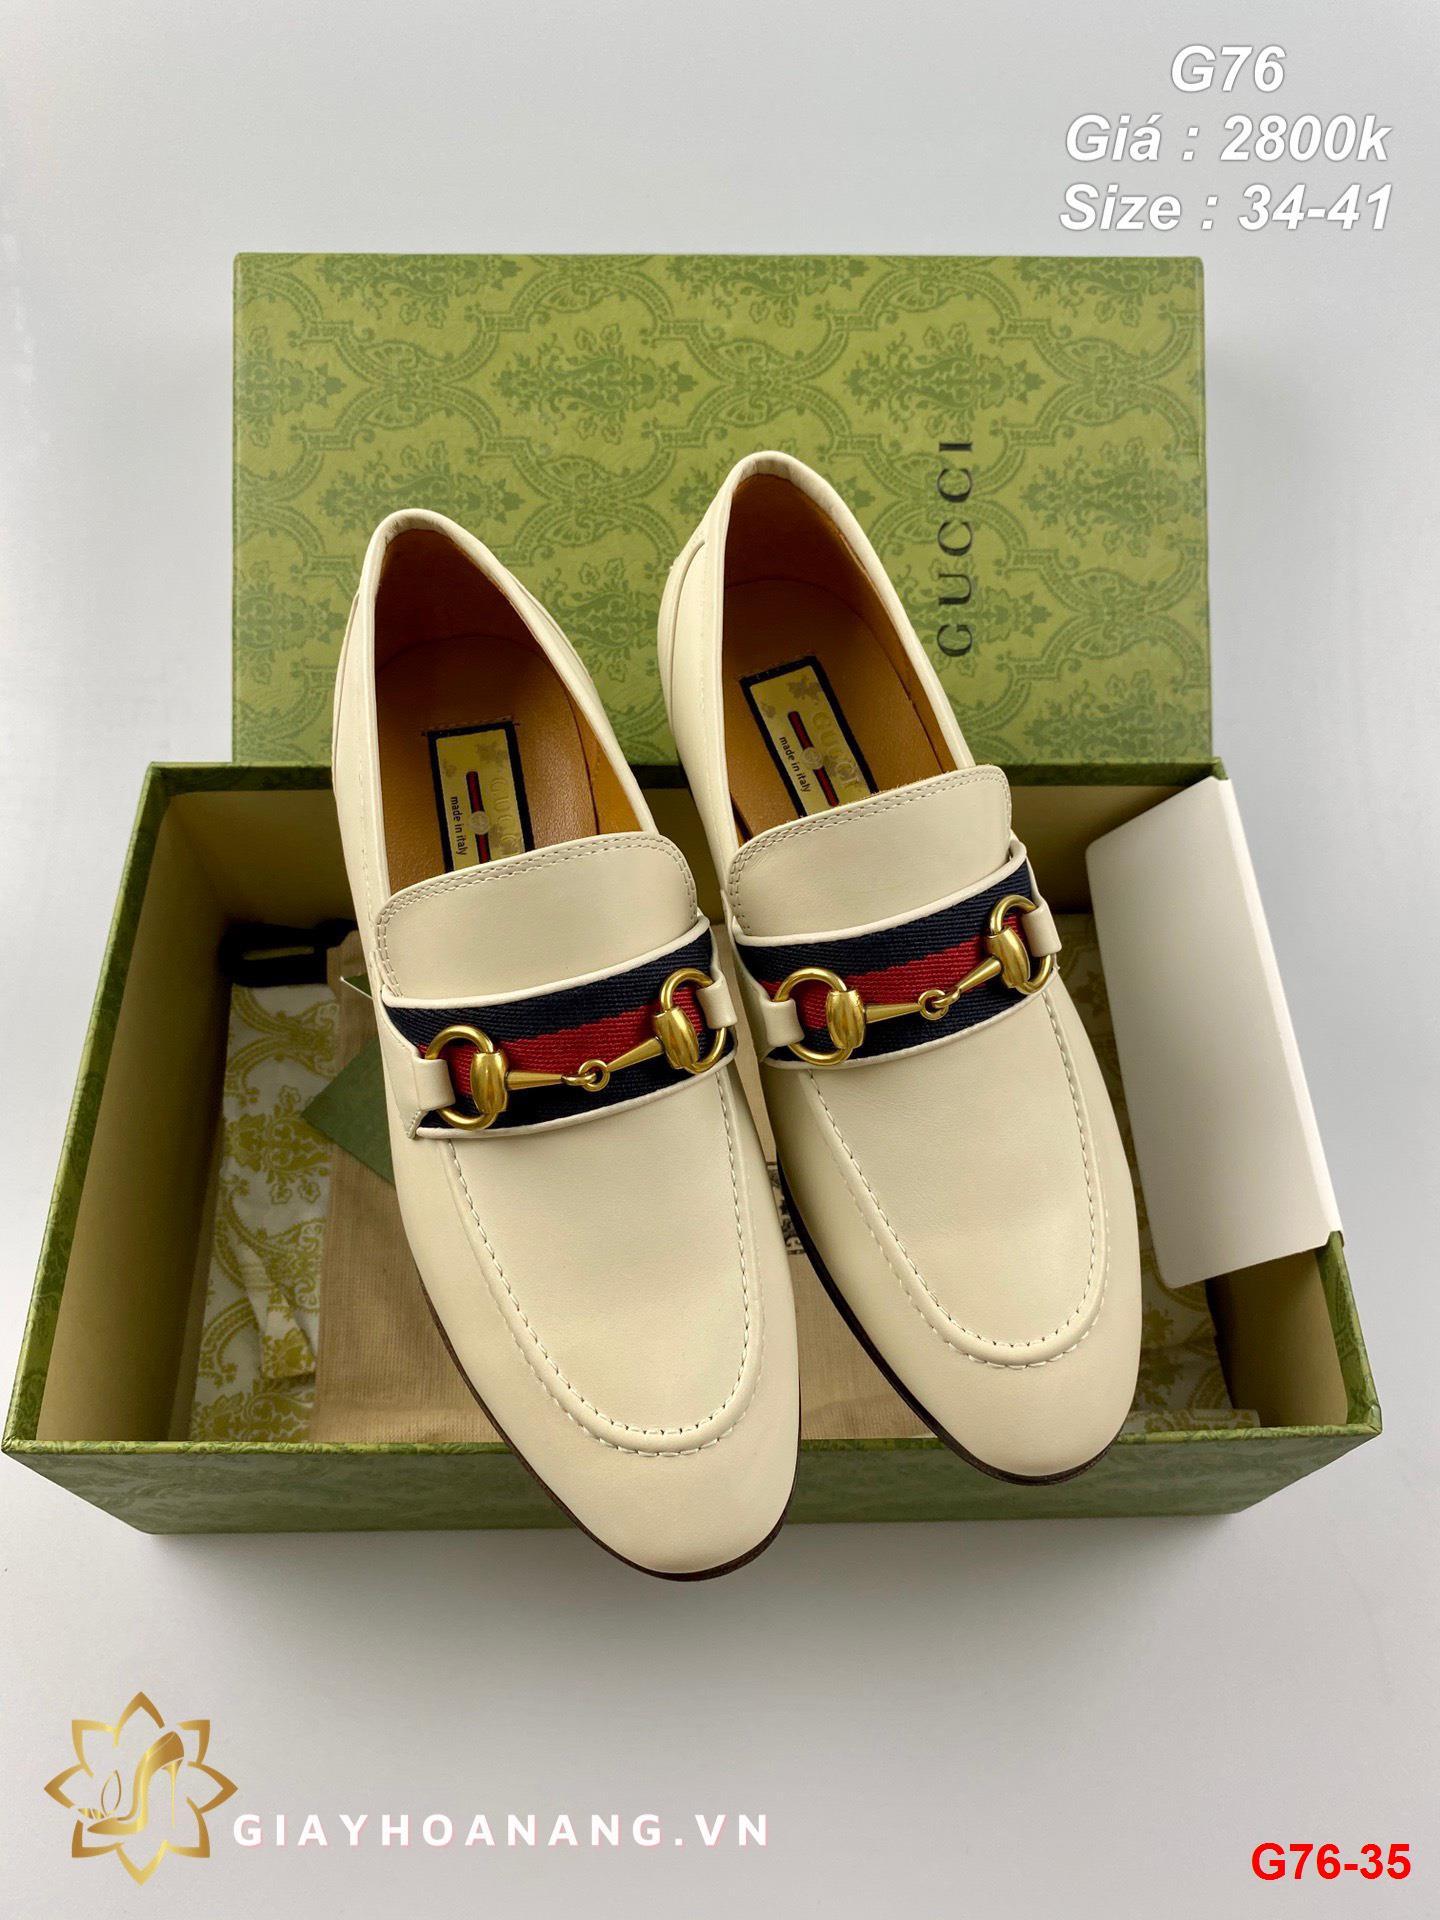 G76-35 Gucci giày lười siêu cấp